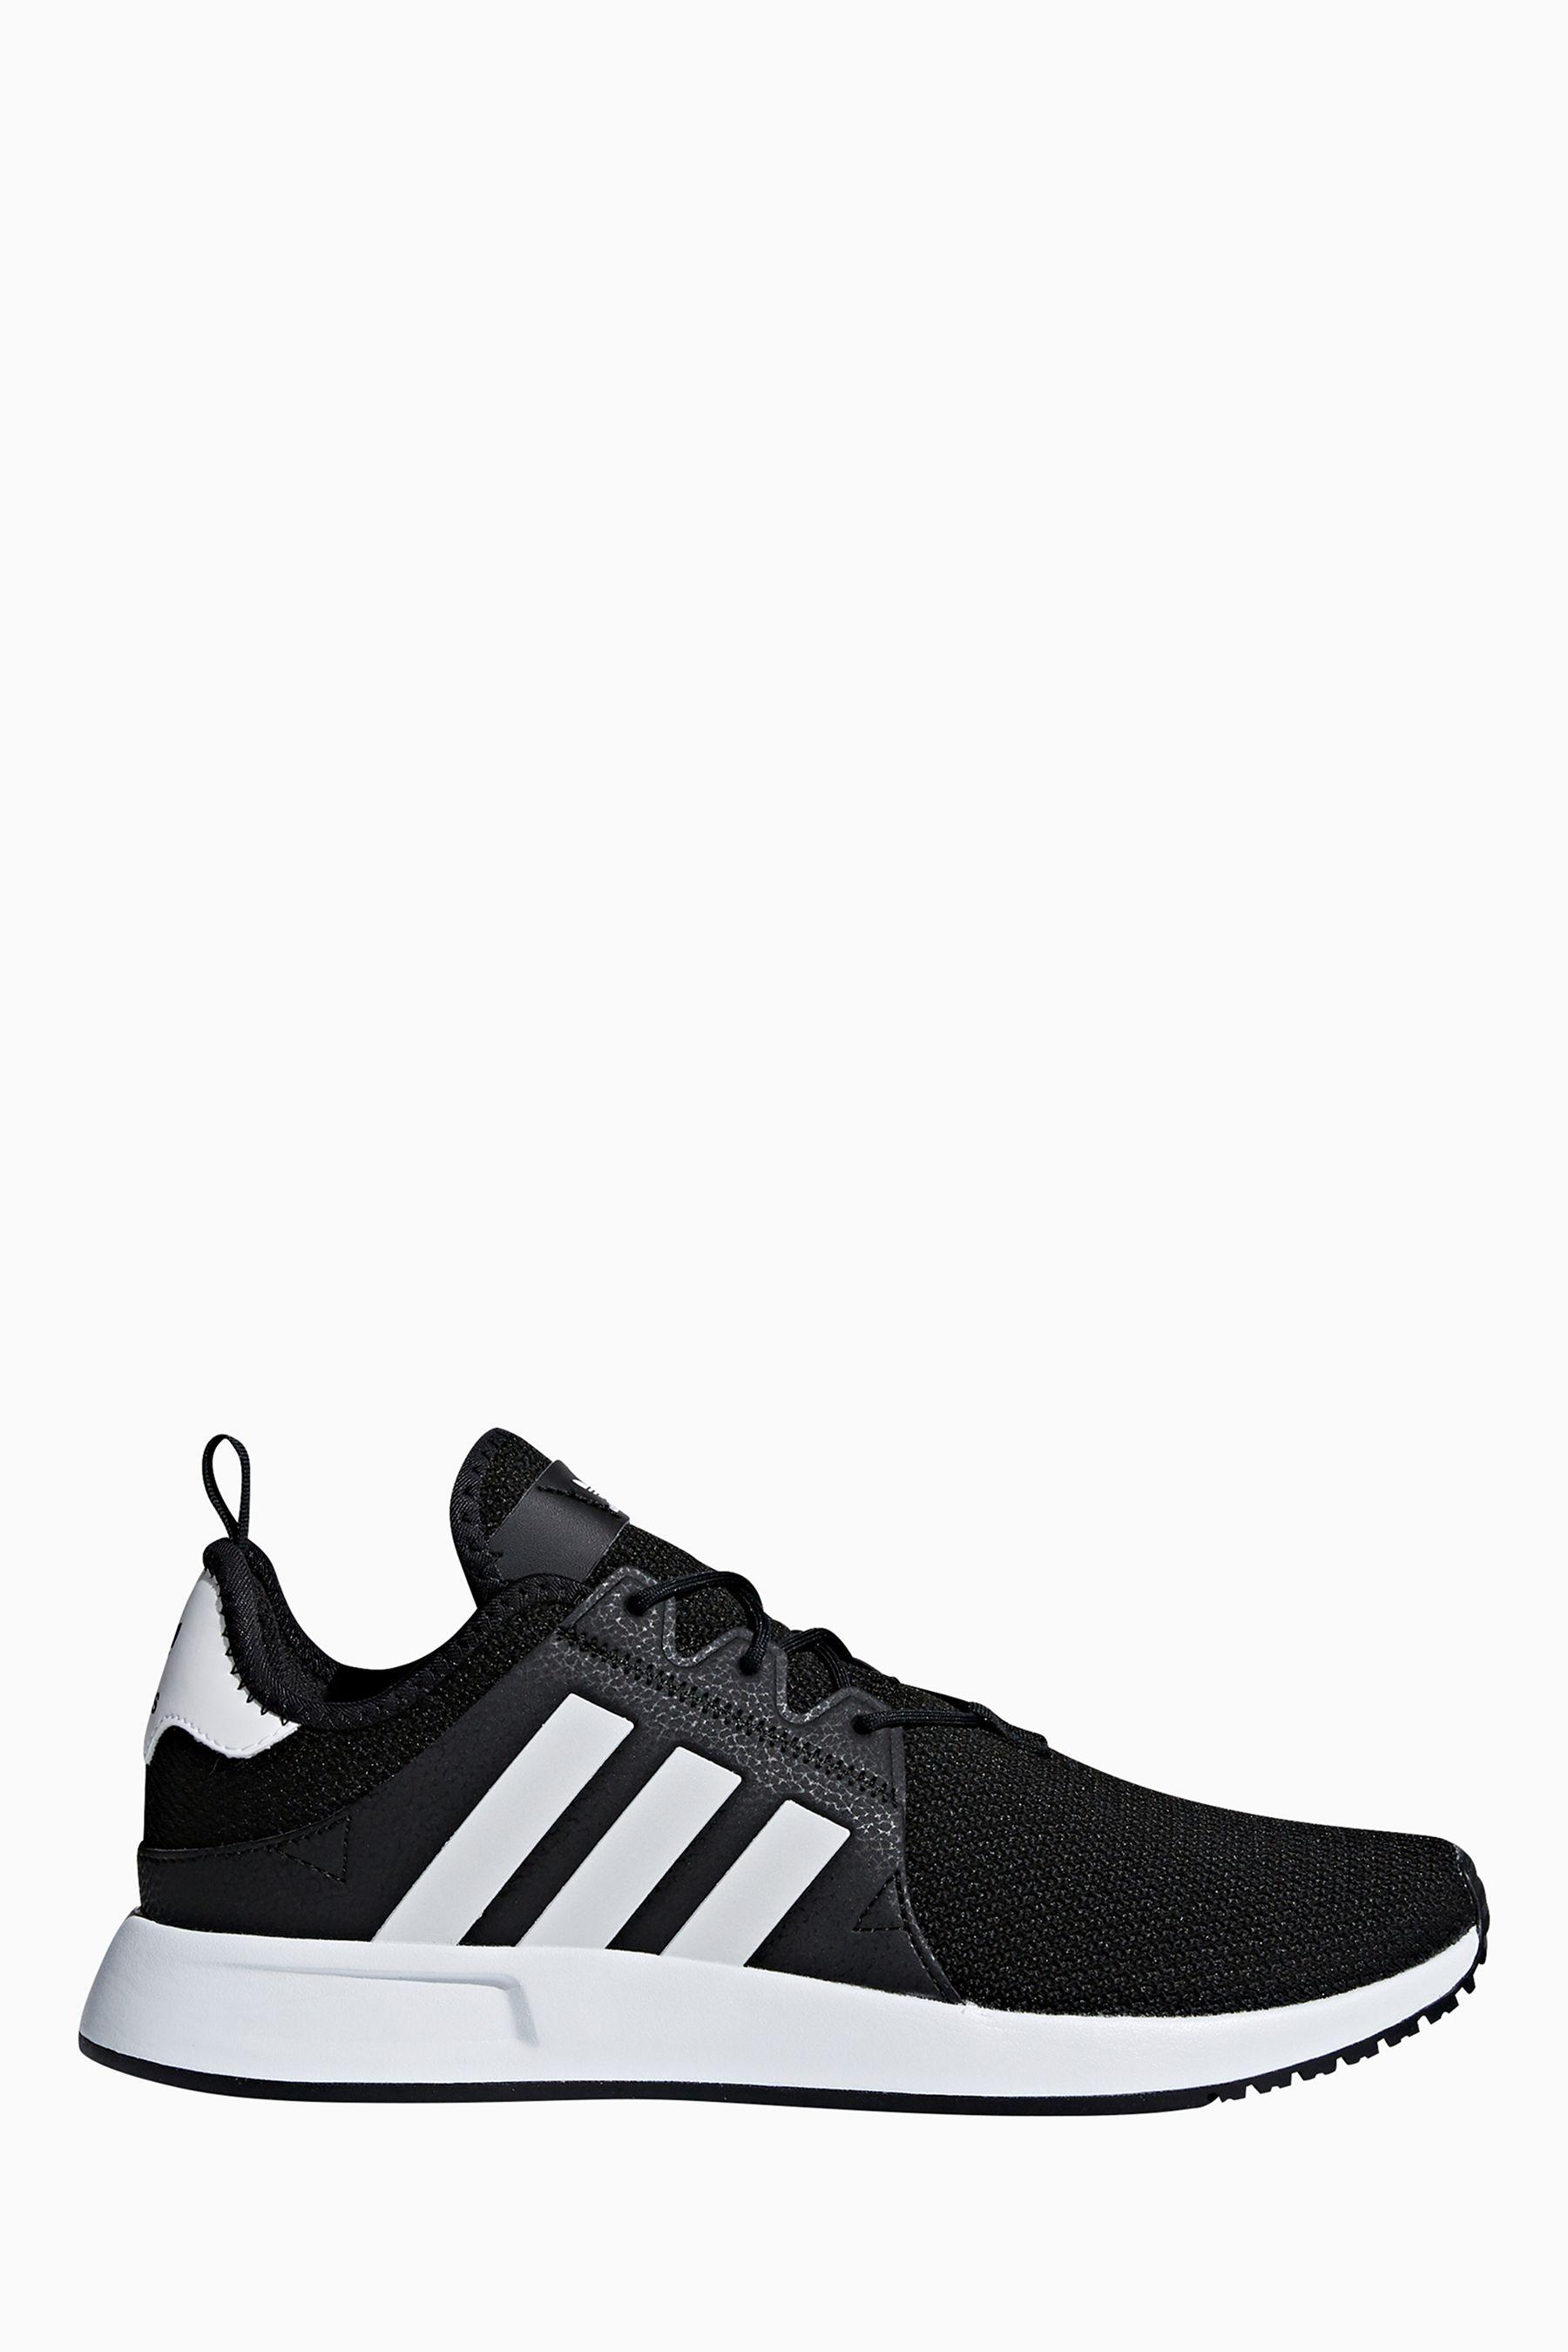 chaussure adidas xplr, le meilleur porte . vente de maintenant